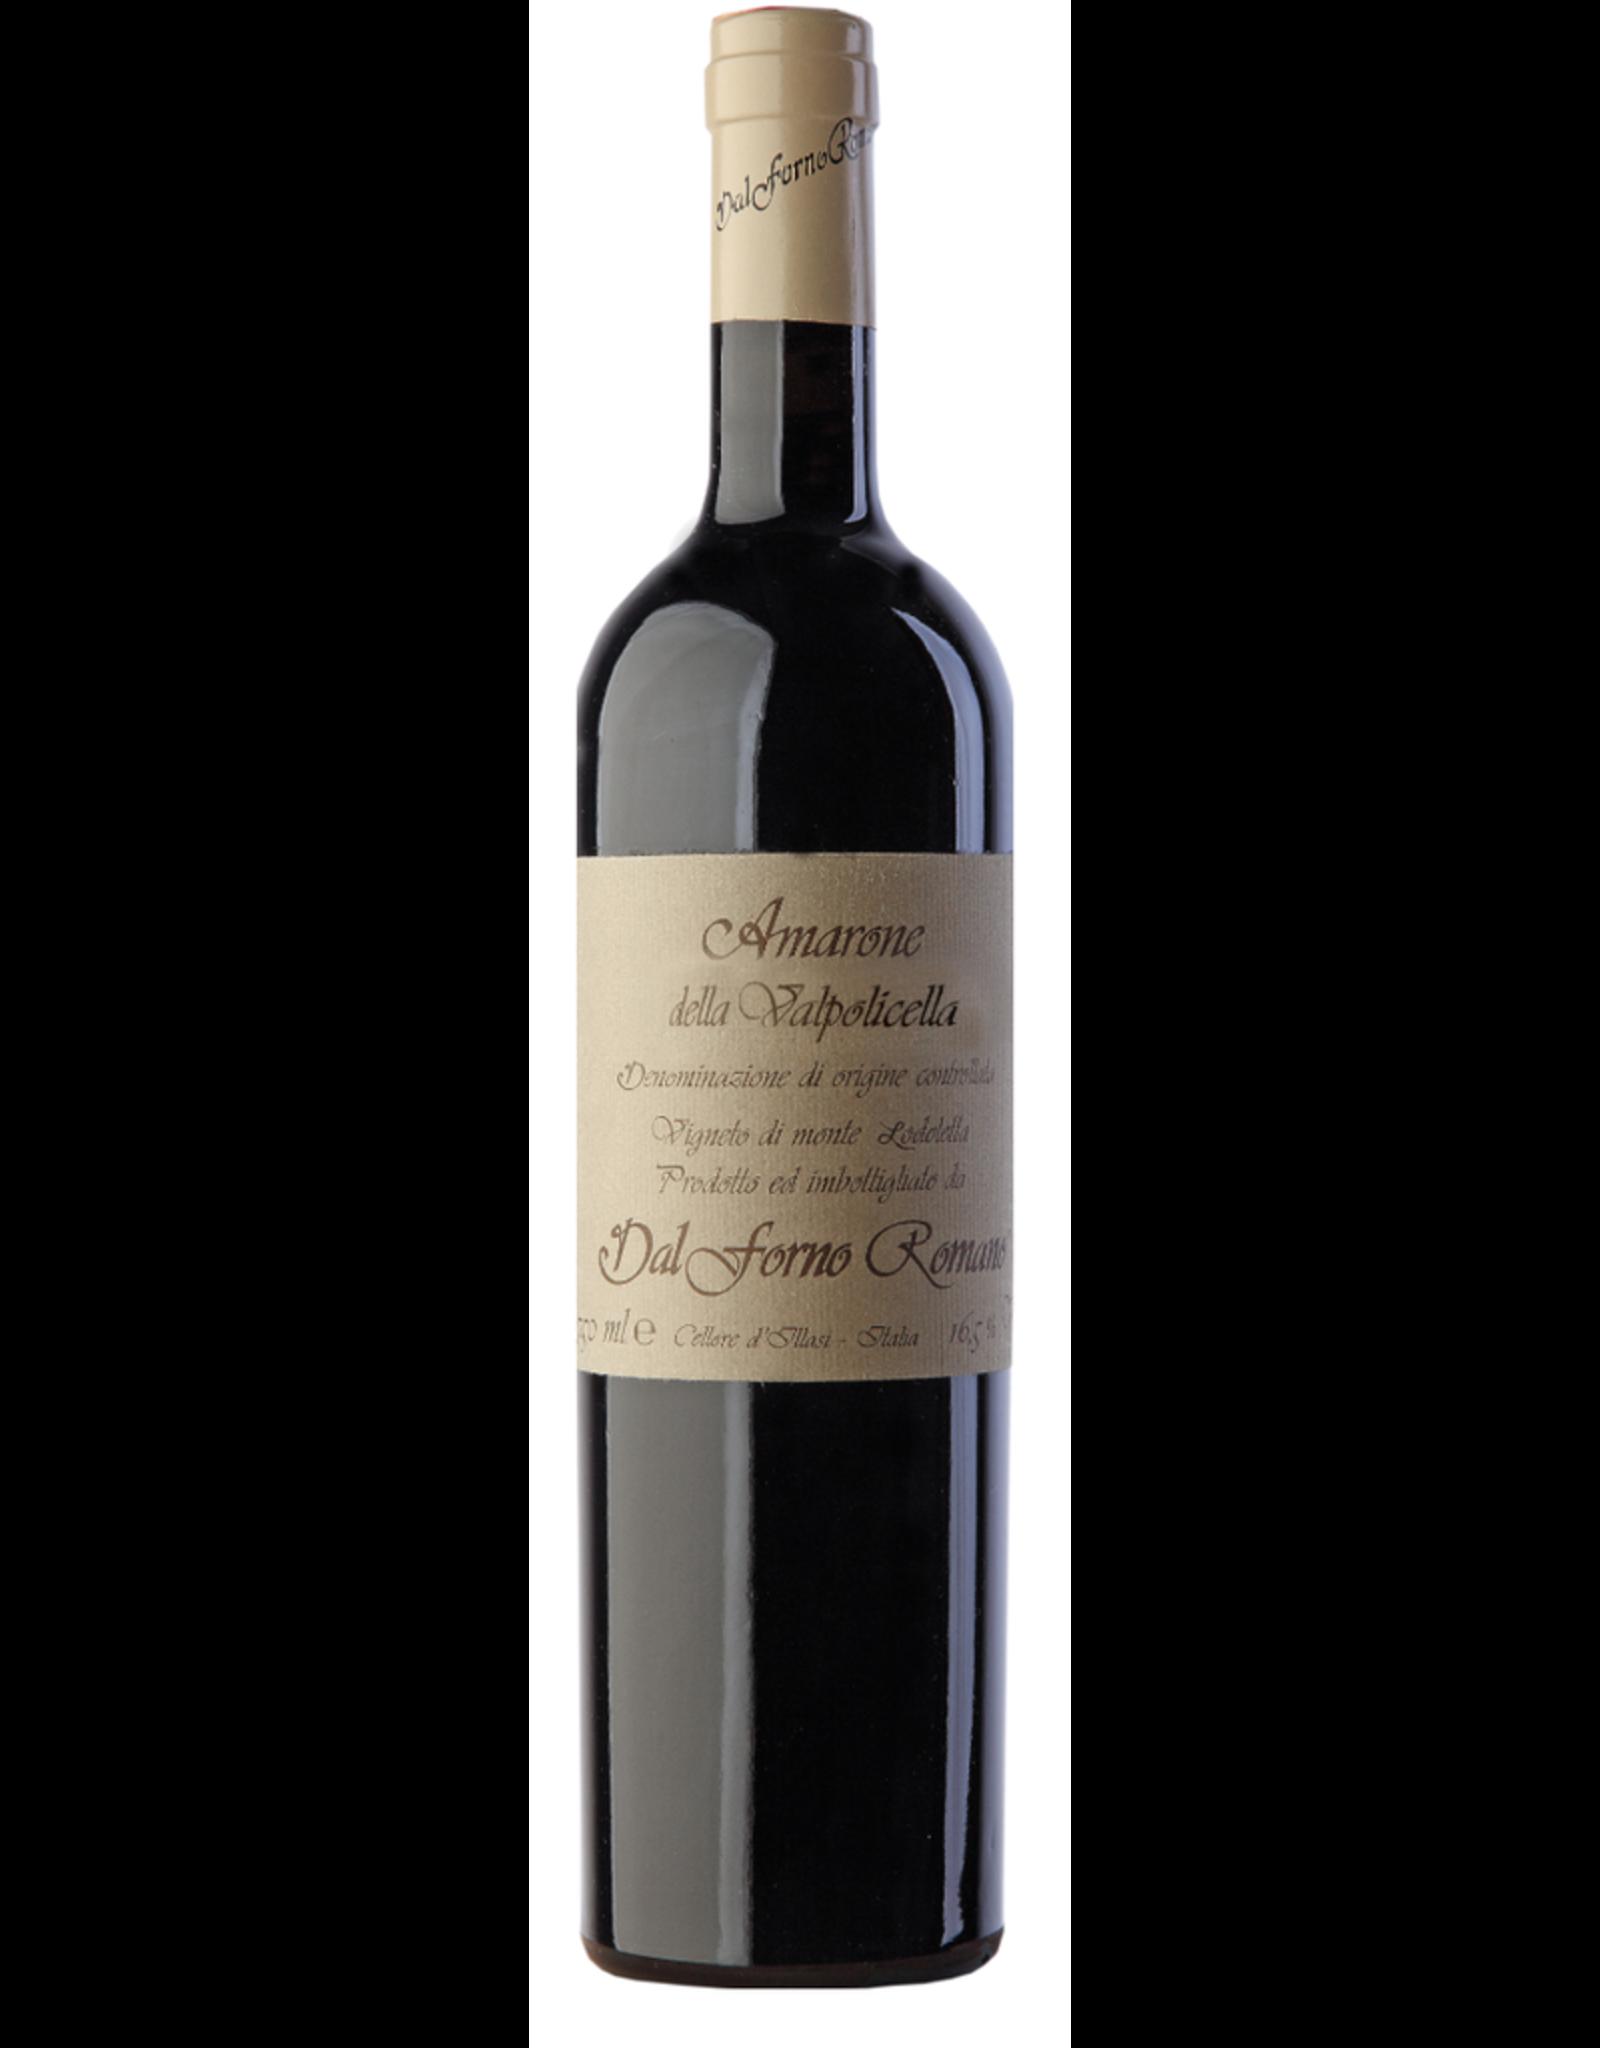 Red Wine 2010, Dal forno Romano Amarone della Valpolicella, Corvina, Monte Lodoletta, Veneto, Italy, 17% Alc., CT94, RP98